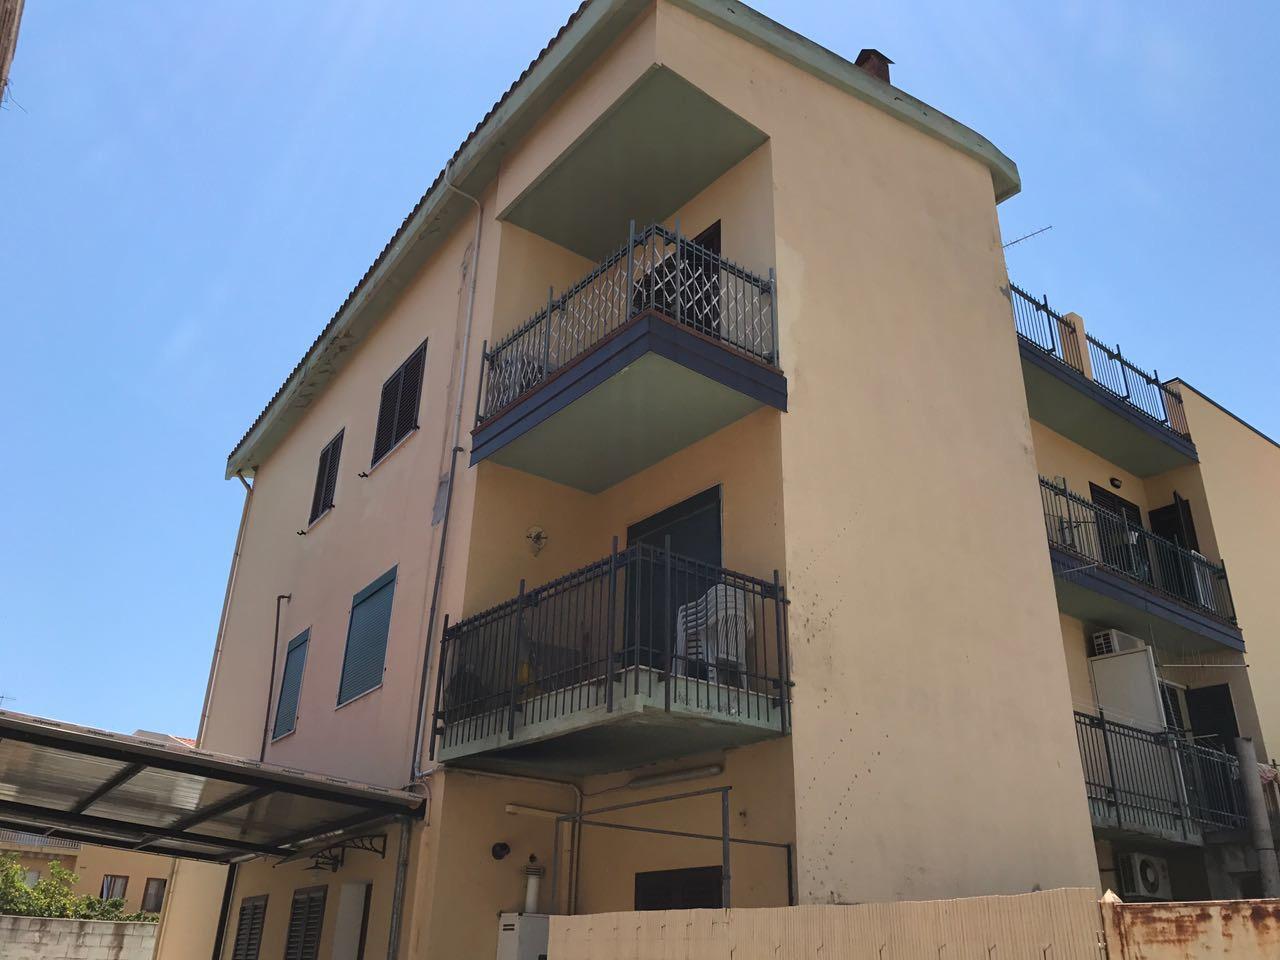 Appartamento in vendita a Tortolì, 3 locali, prezzo € 85.000 | Cambio Casa.it